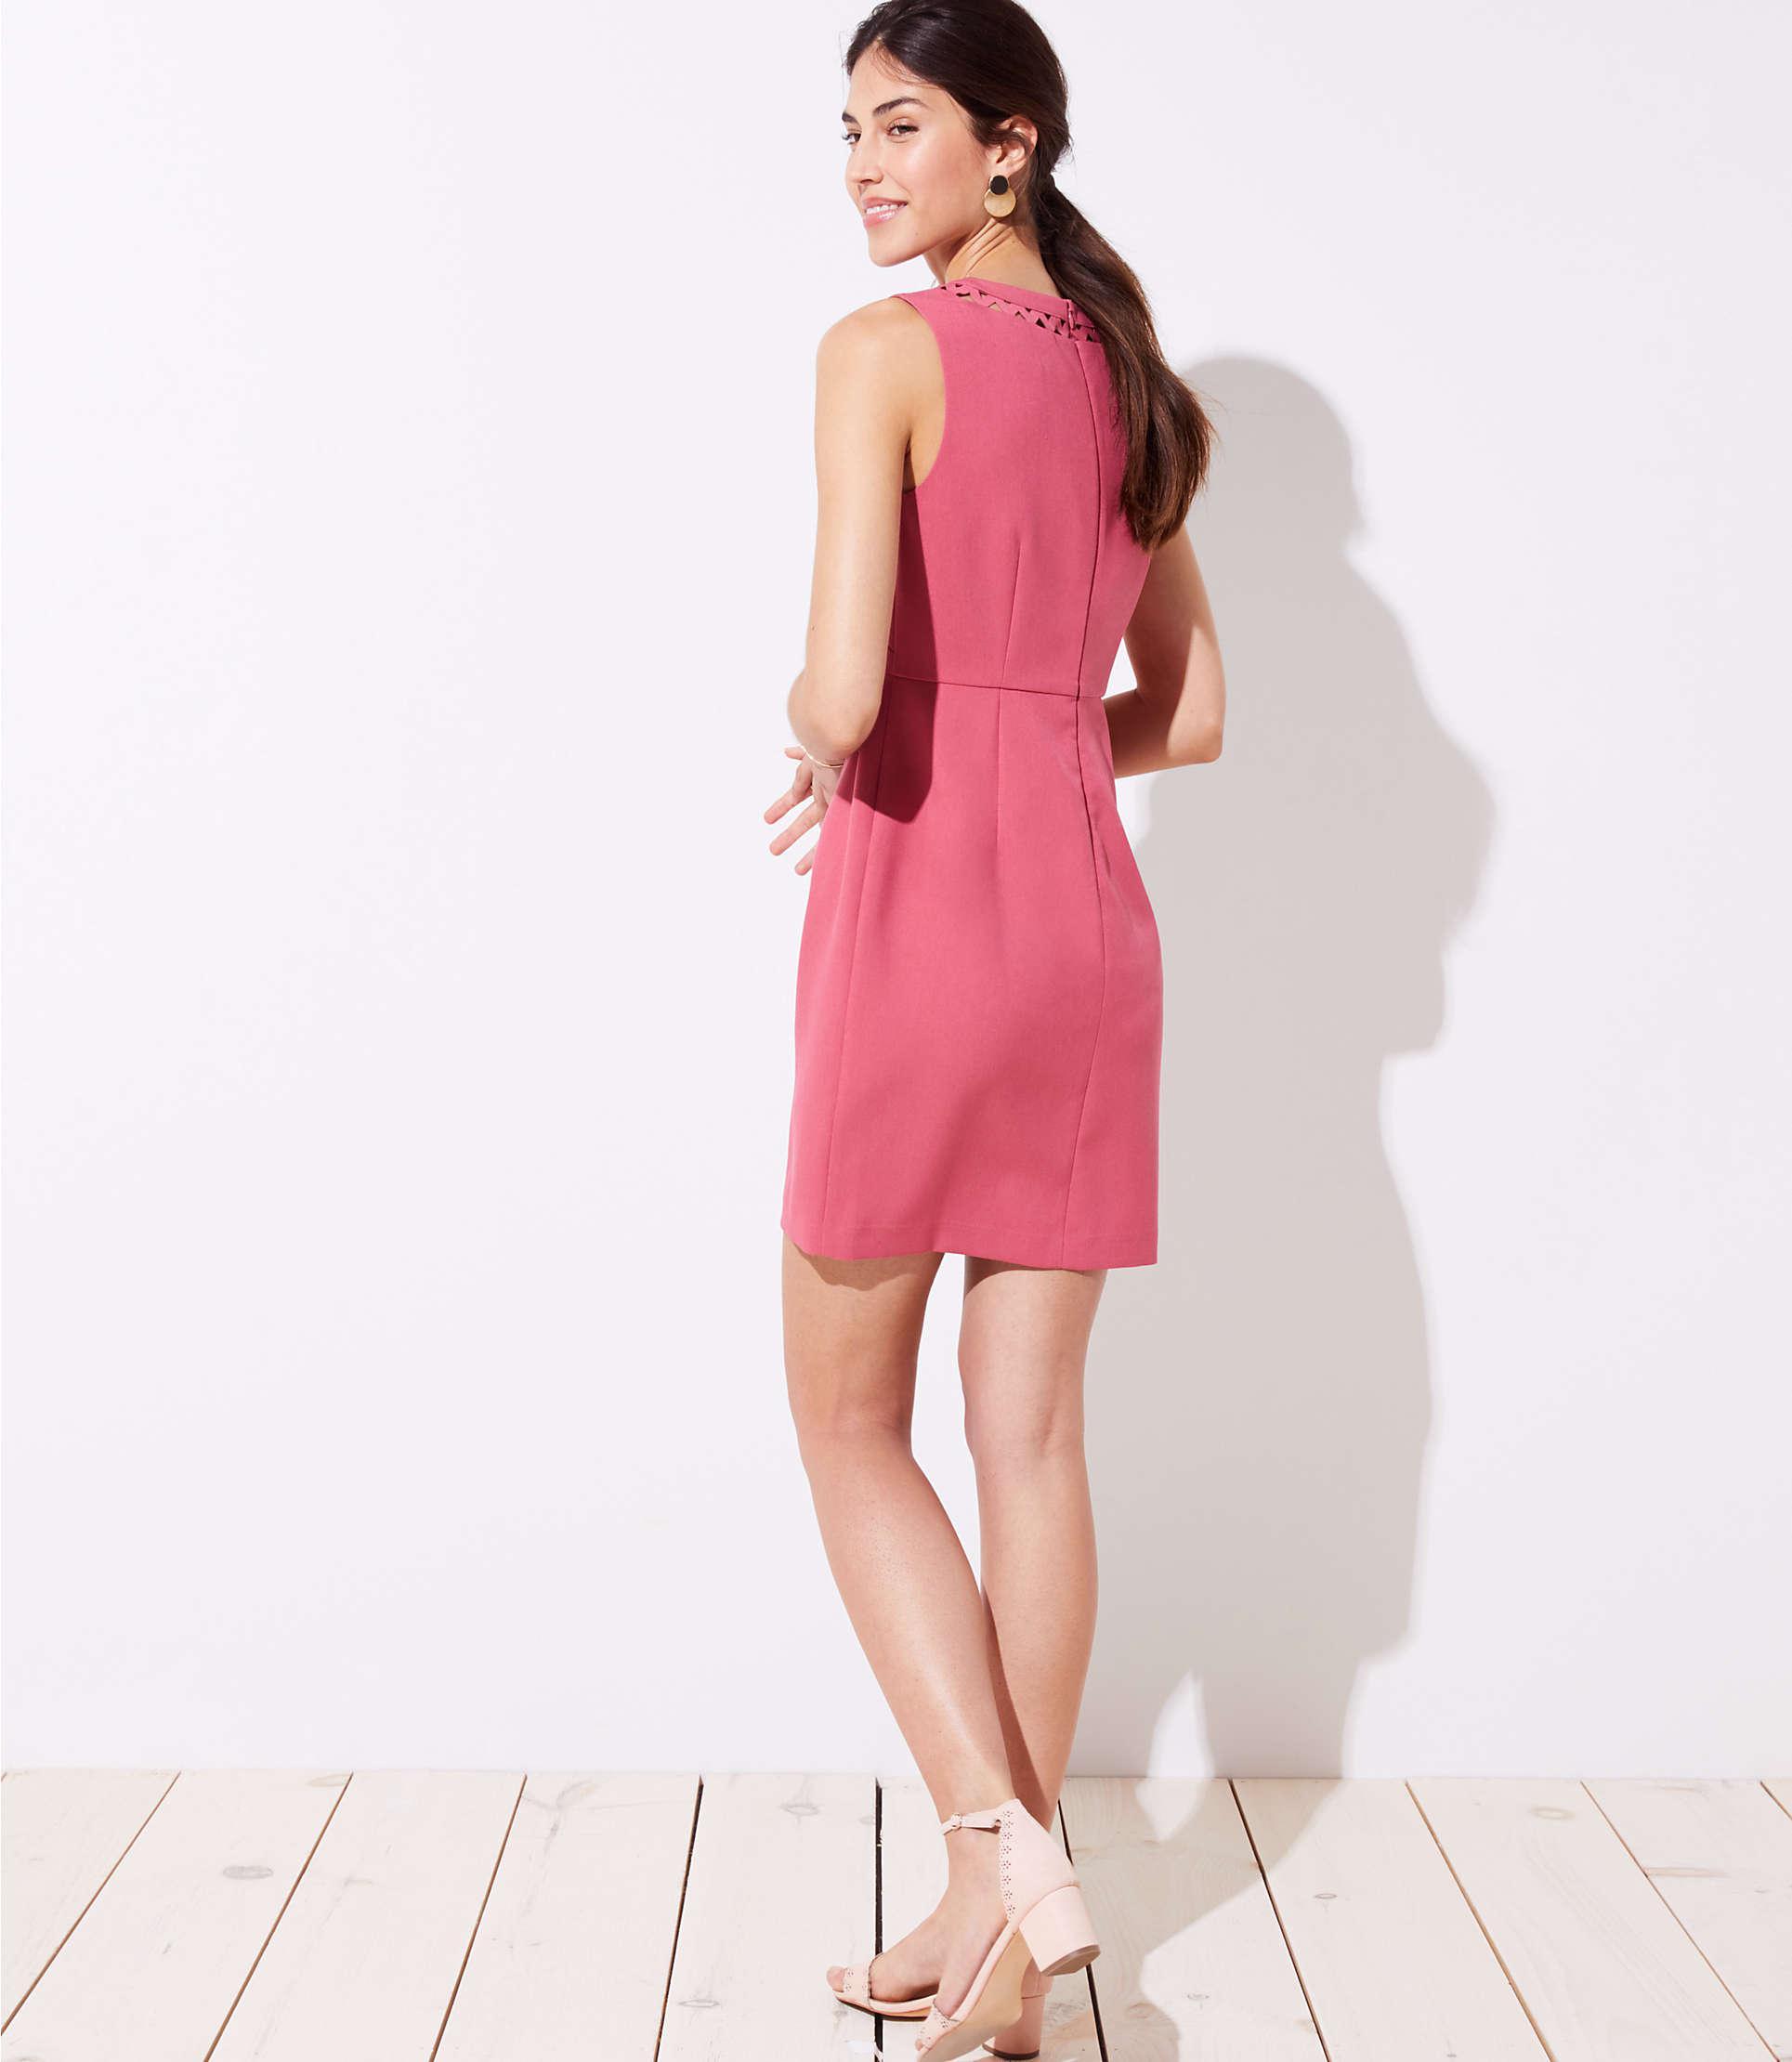 Excelente Loft Bridesmaid Dresses Modelo - Colección de Vestidos de ...